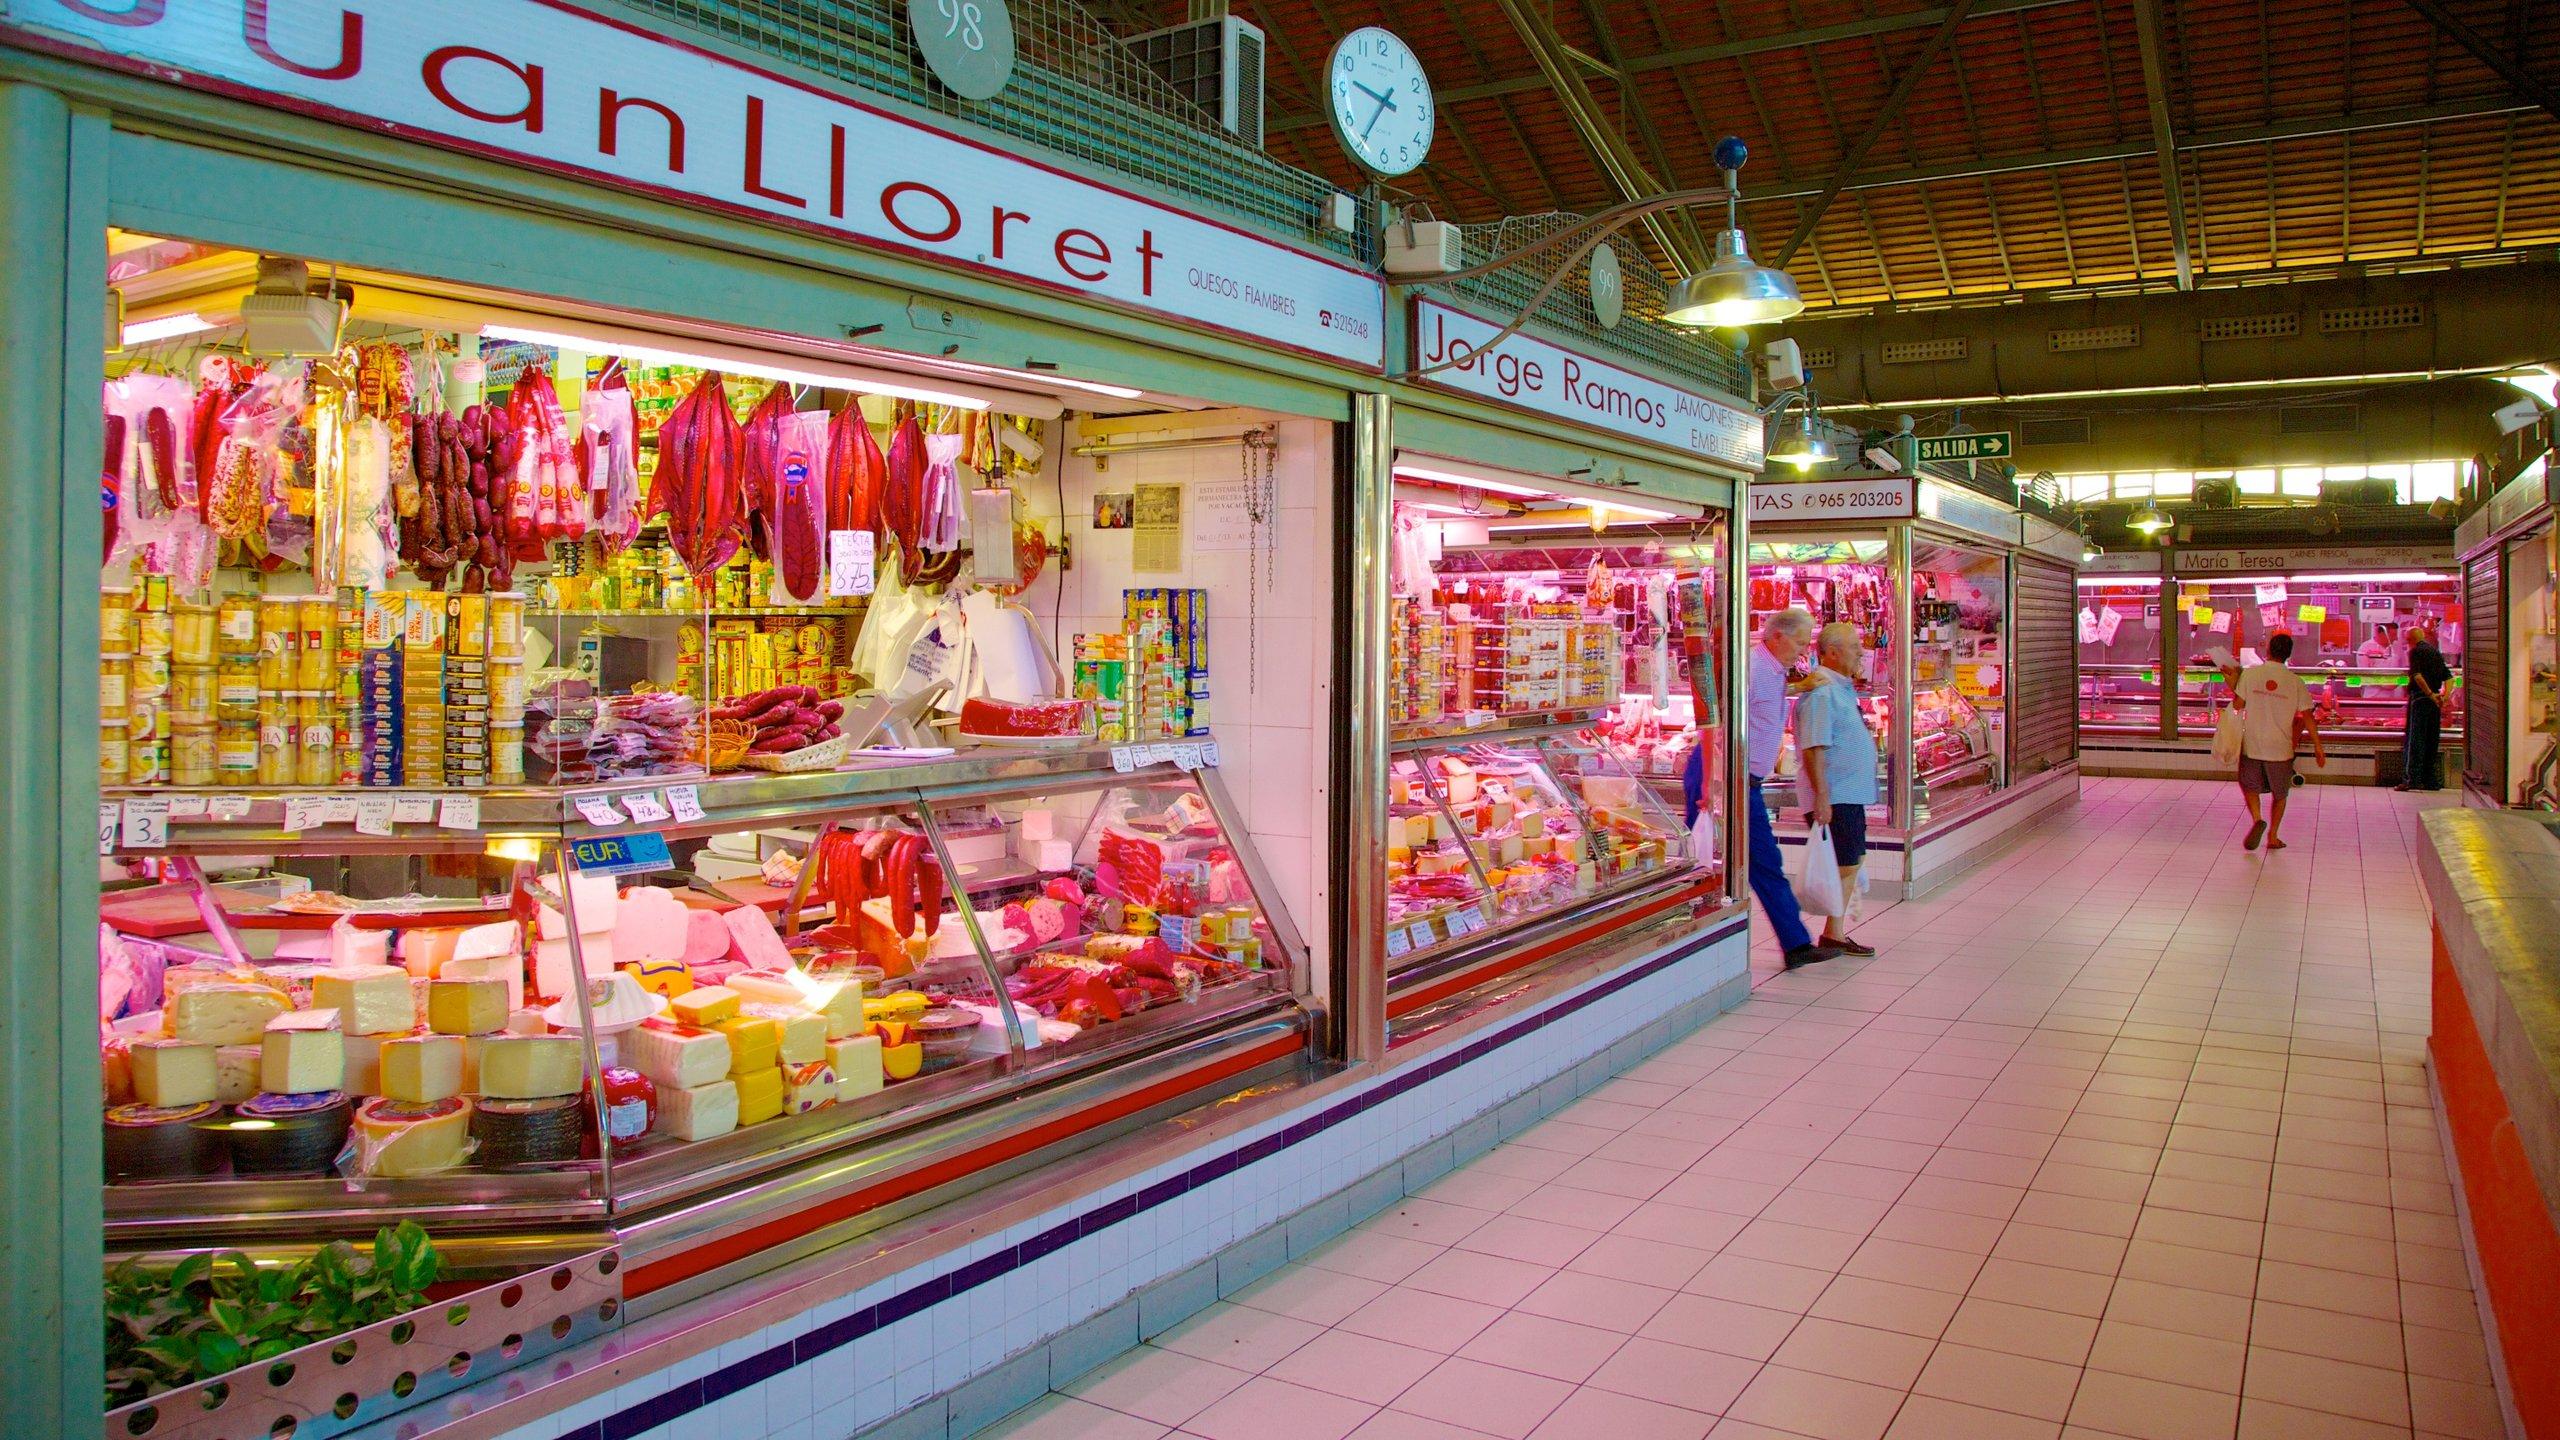 51125 Central Market - Roteiro em Alicante: descubra os principais pontos turísticos da cidade